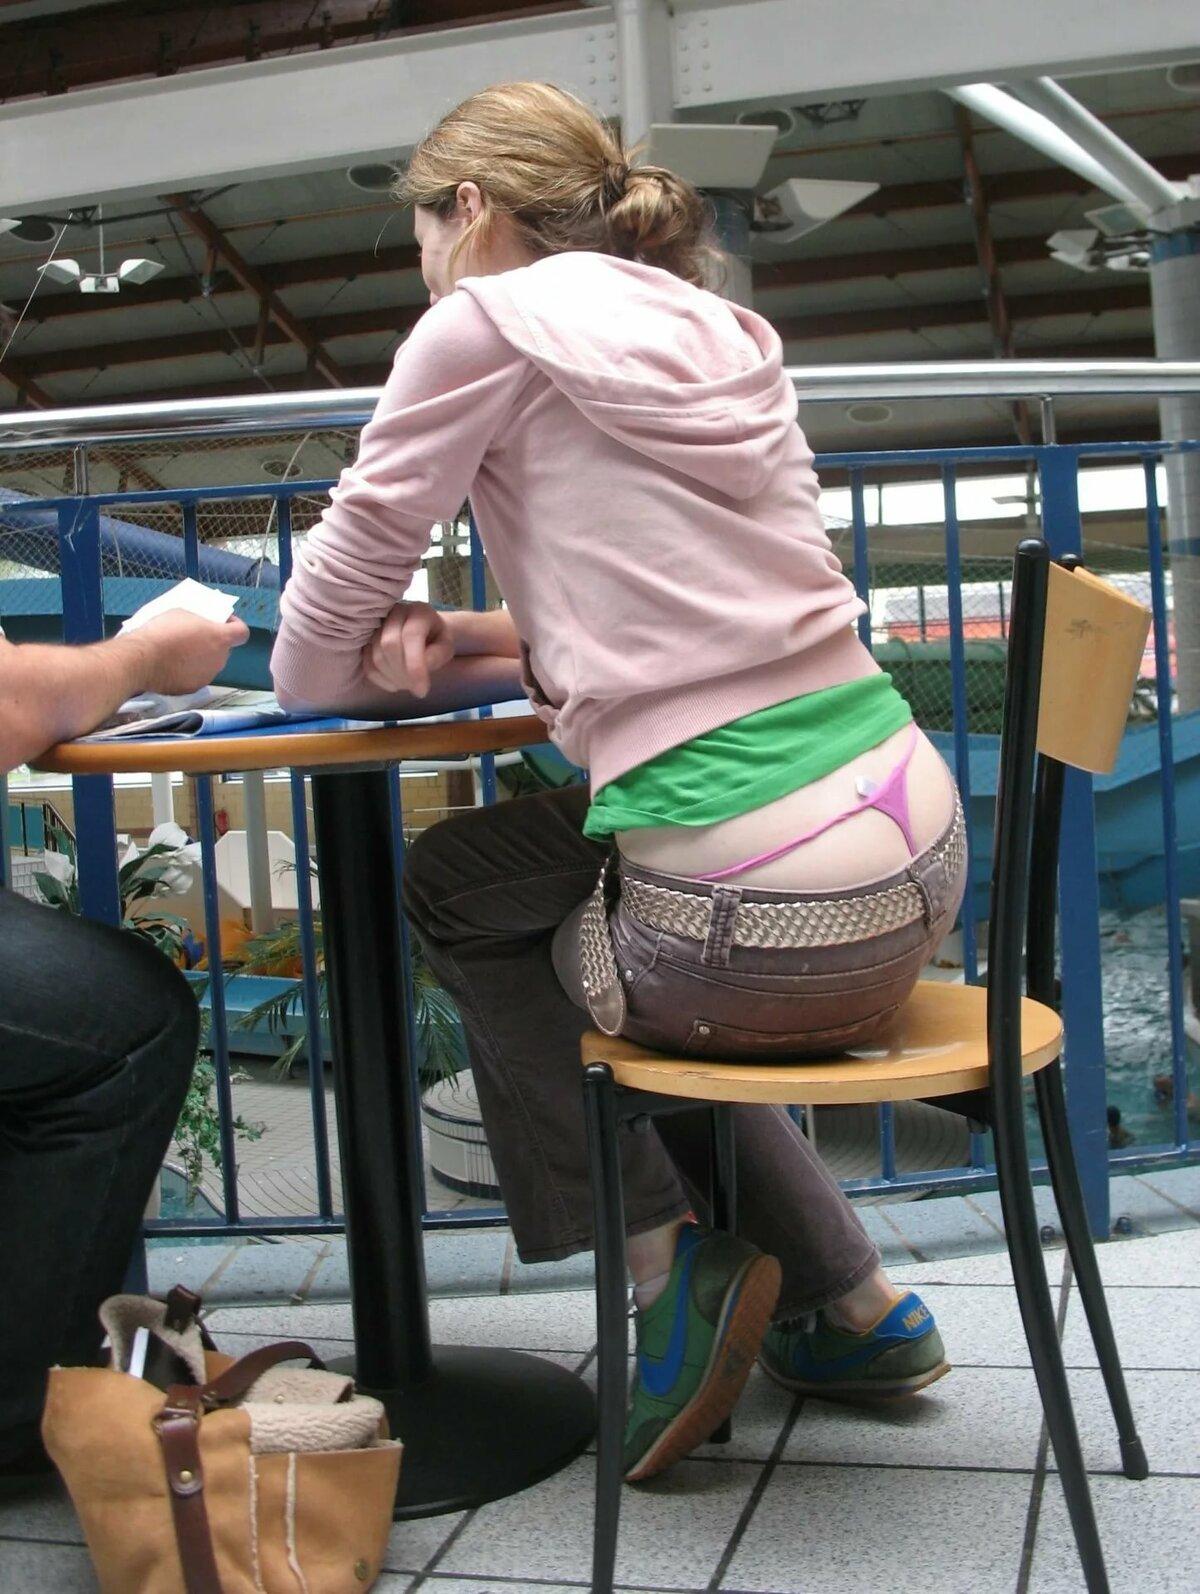 просмотр в прозрачном белье в общественном месте оба